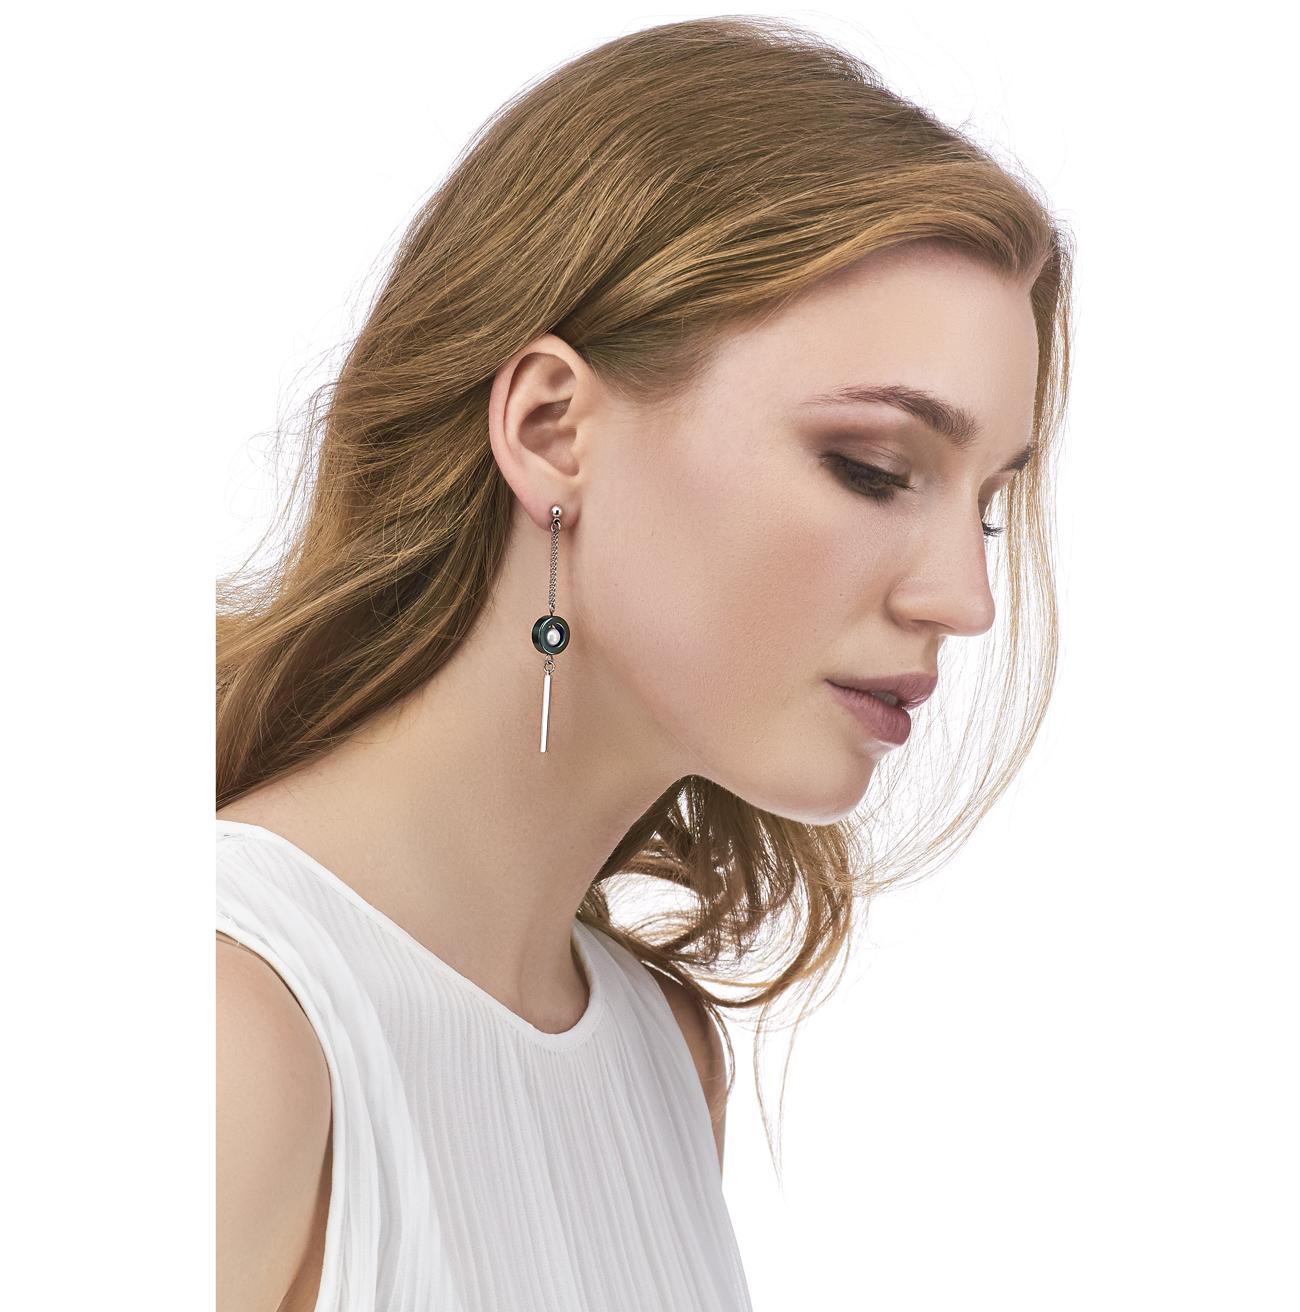 Golovina accessories ювелираня бижутерия серьги Alexa из натуральных камней